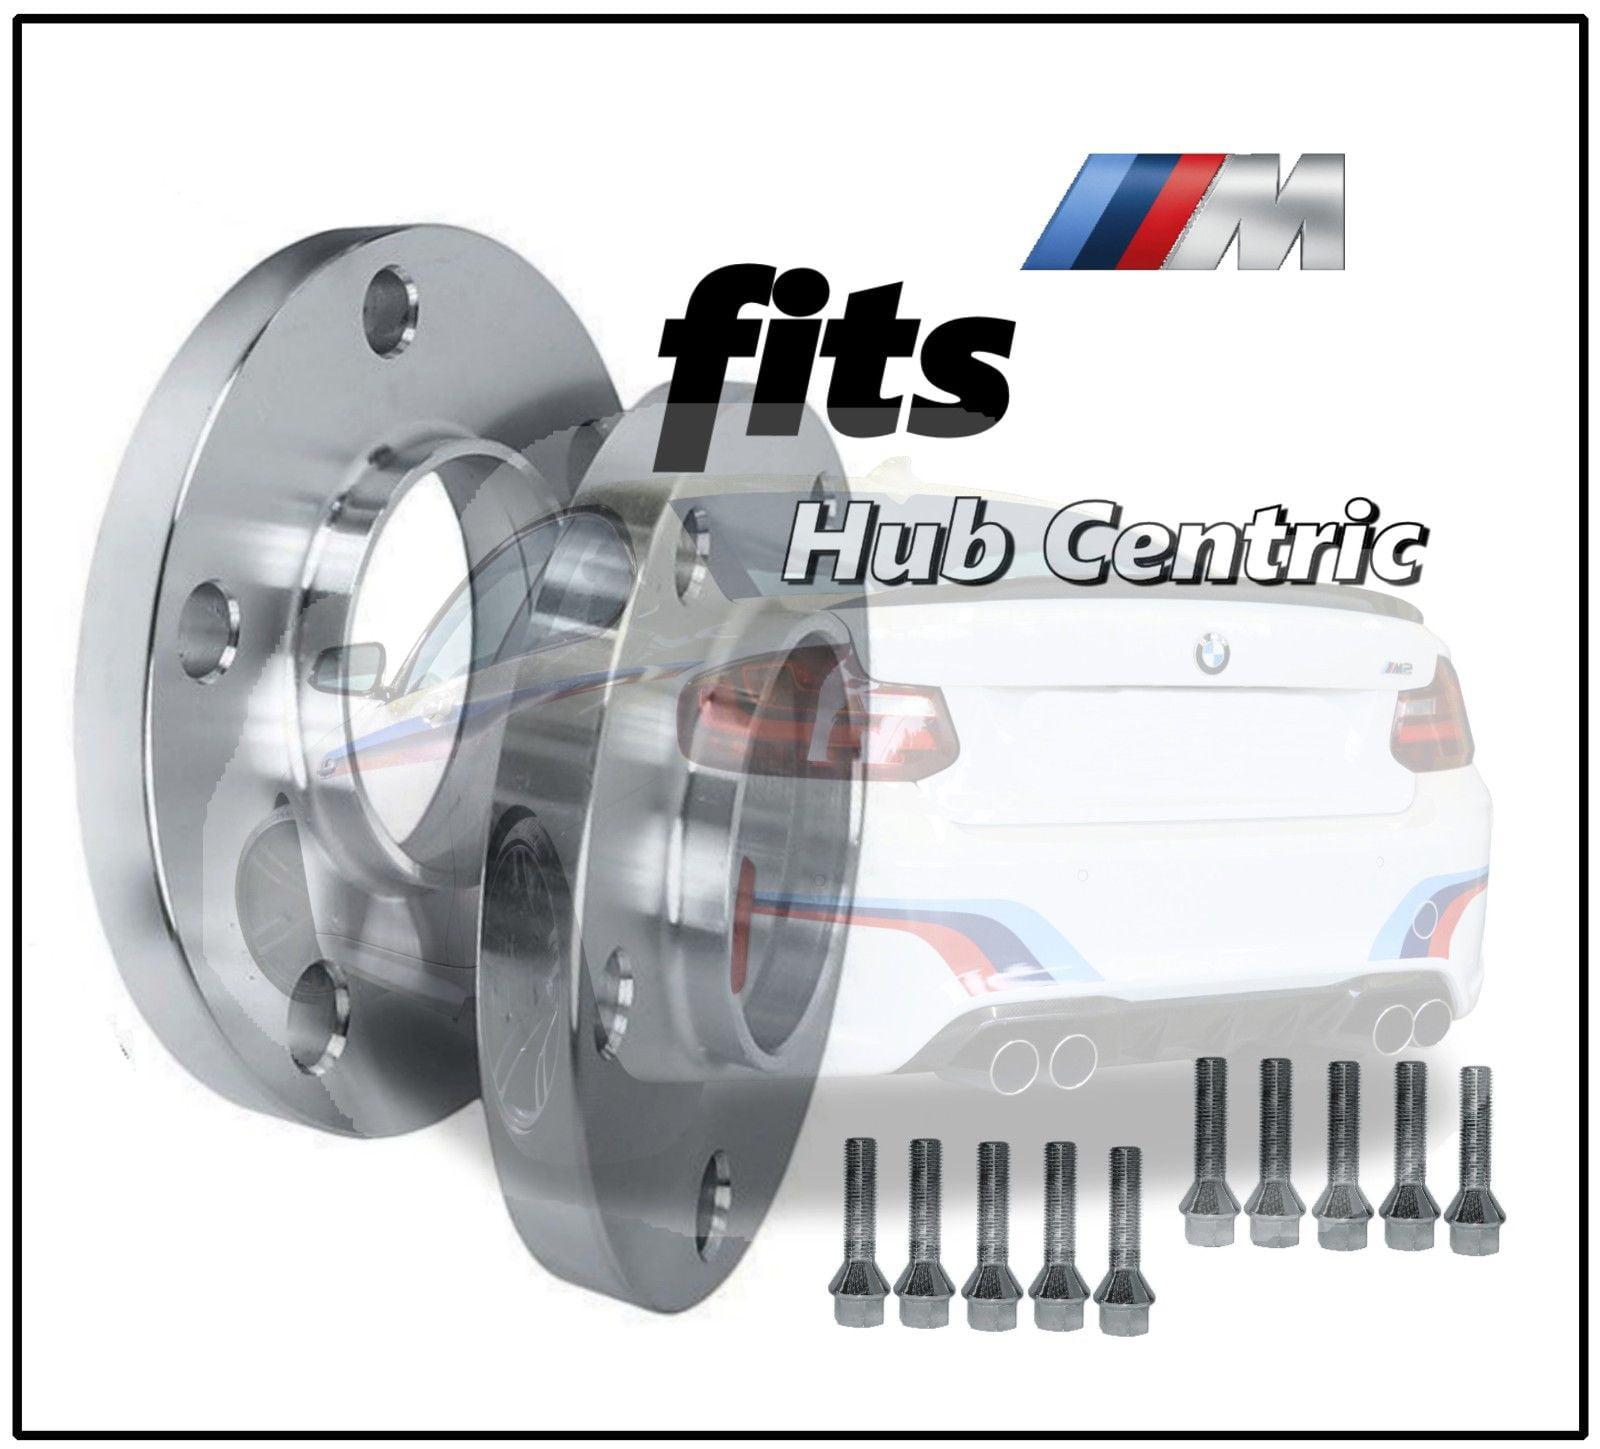 2 Hub Centric Bmw 10 Mm Wheel Spacers Lug Bolts E36 E46 323 325 328 335i 545i Walmart Com Walmart Com